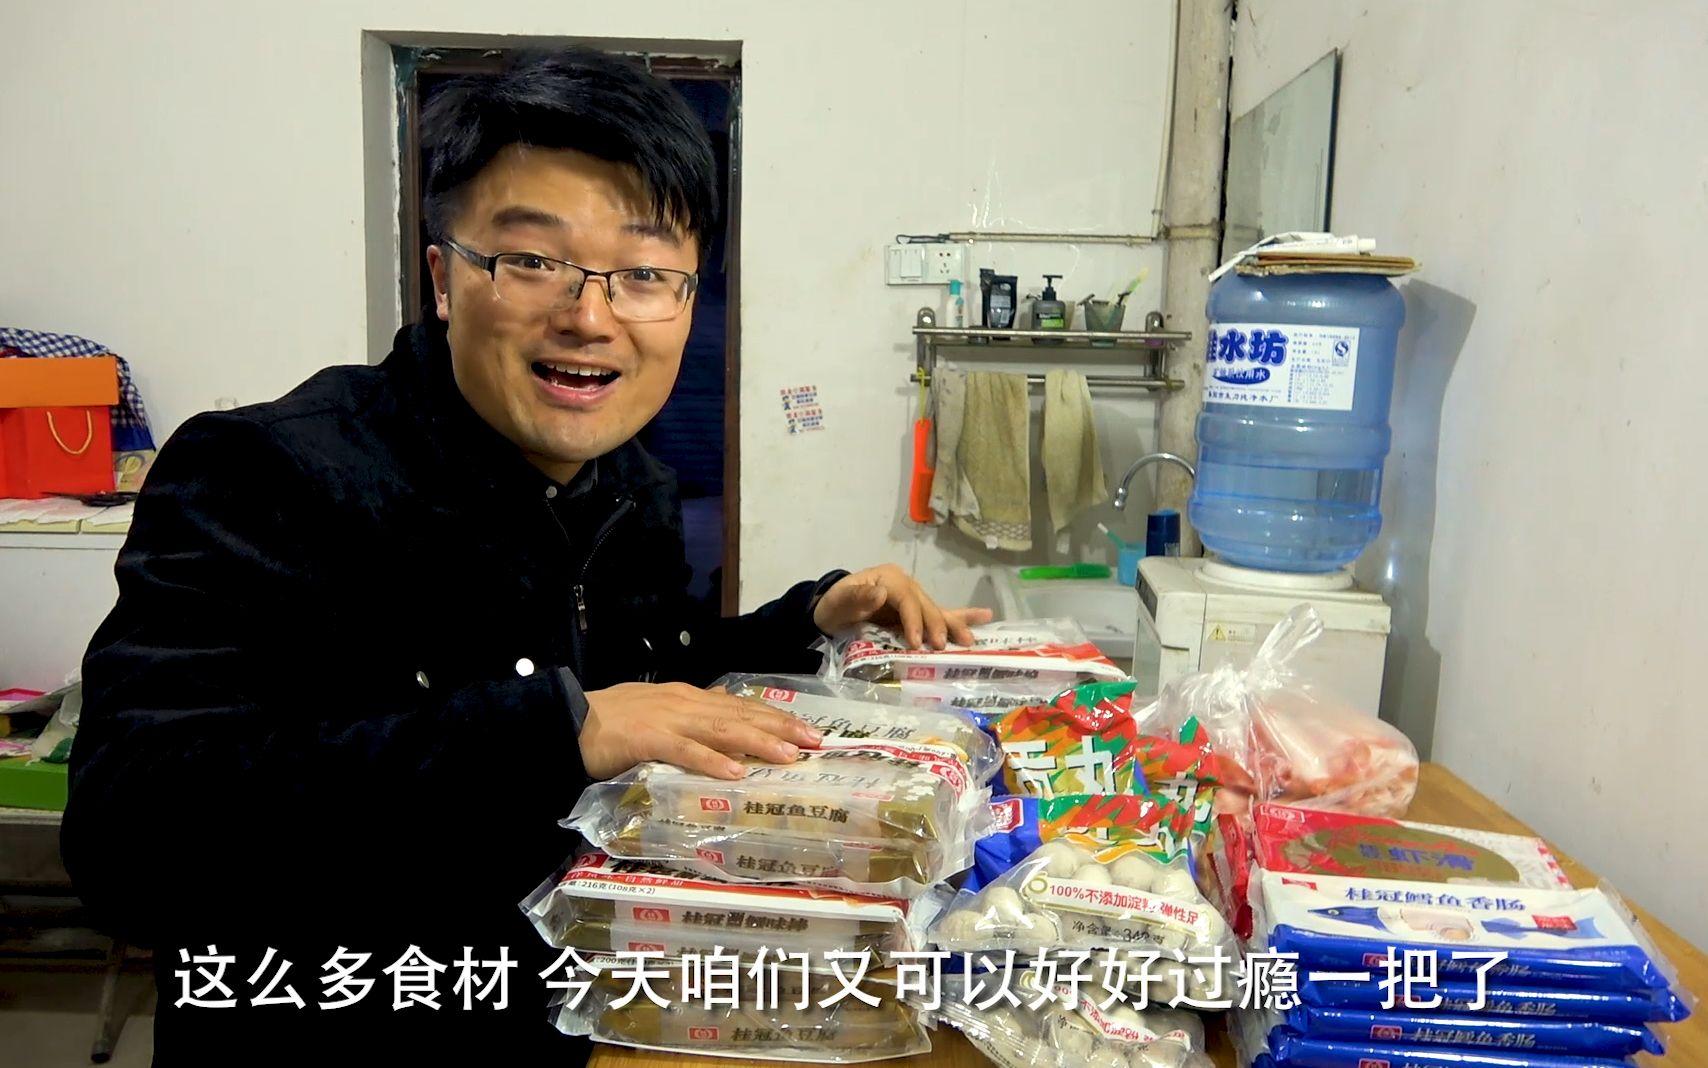 贡丸,鳕鱼香肠,一大箱火锅食材,大sao自制火锅,老爸都吃撑了